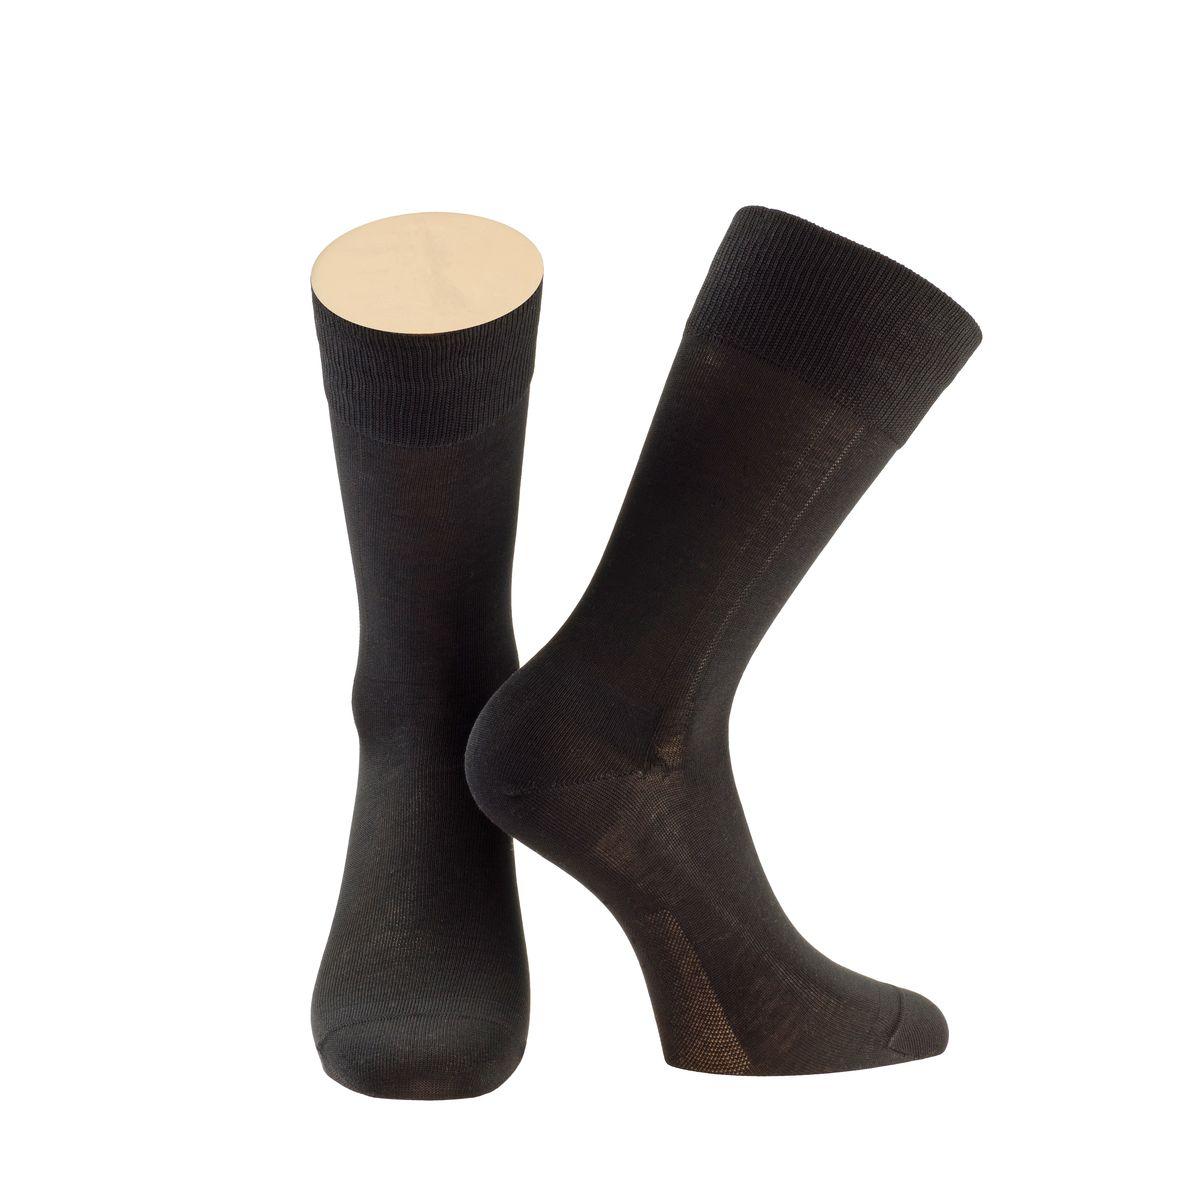 Носки мужские Collonil, цвет: черный. 2-14/01. Размер 39-412-14/01Мужские носки Collonil изготовлены из мерсеризованного хлопка.Носки с удлиненным паголенком. Широкая резинка не сдавливает и комфортно облегает ногу.